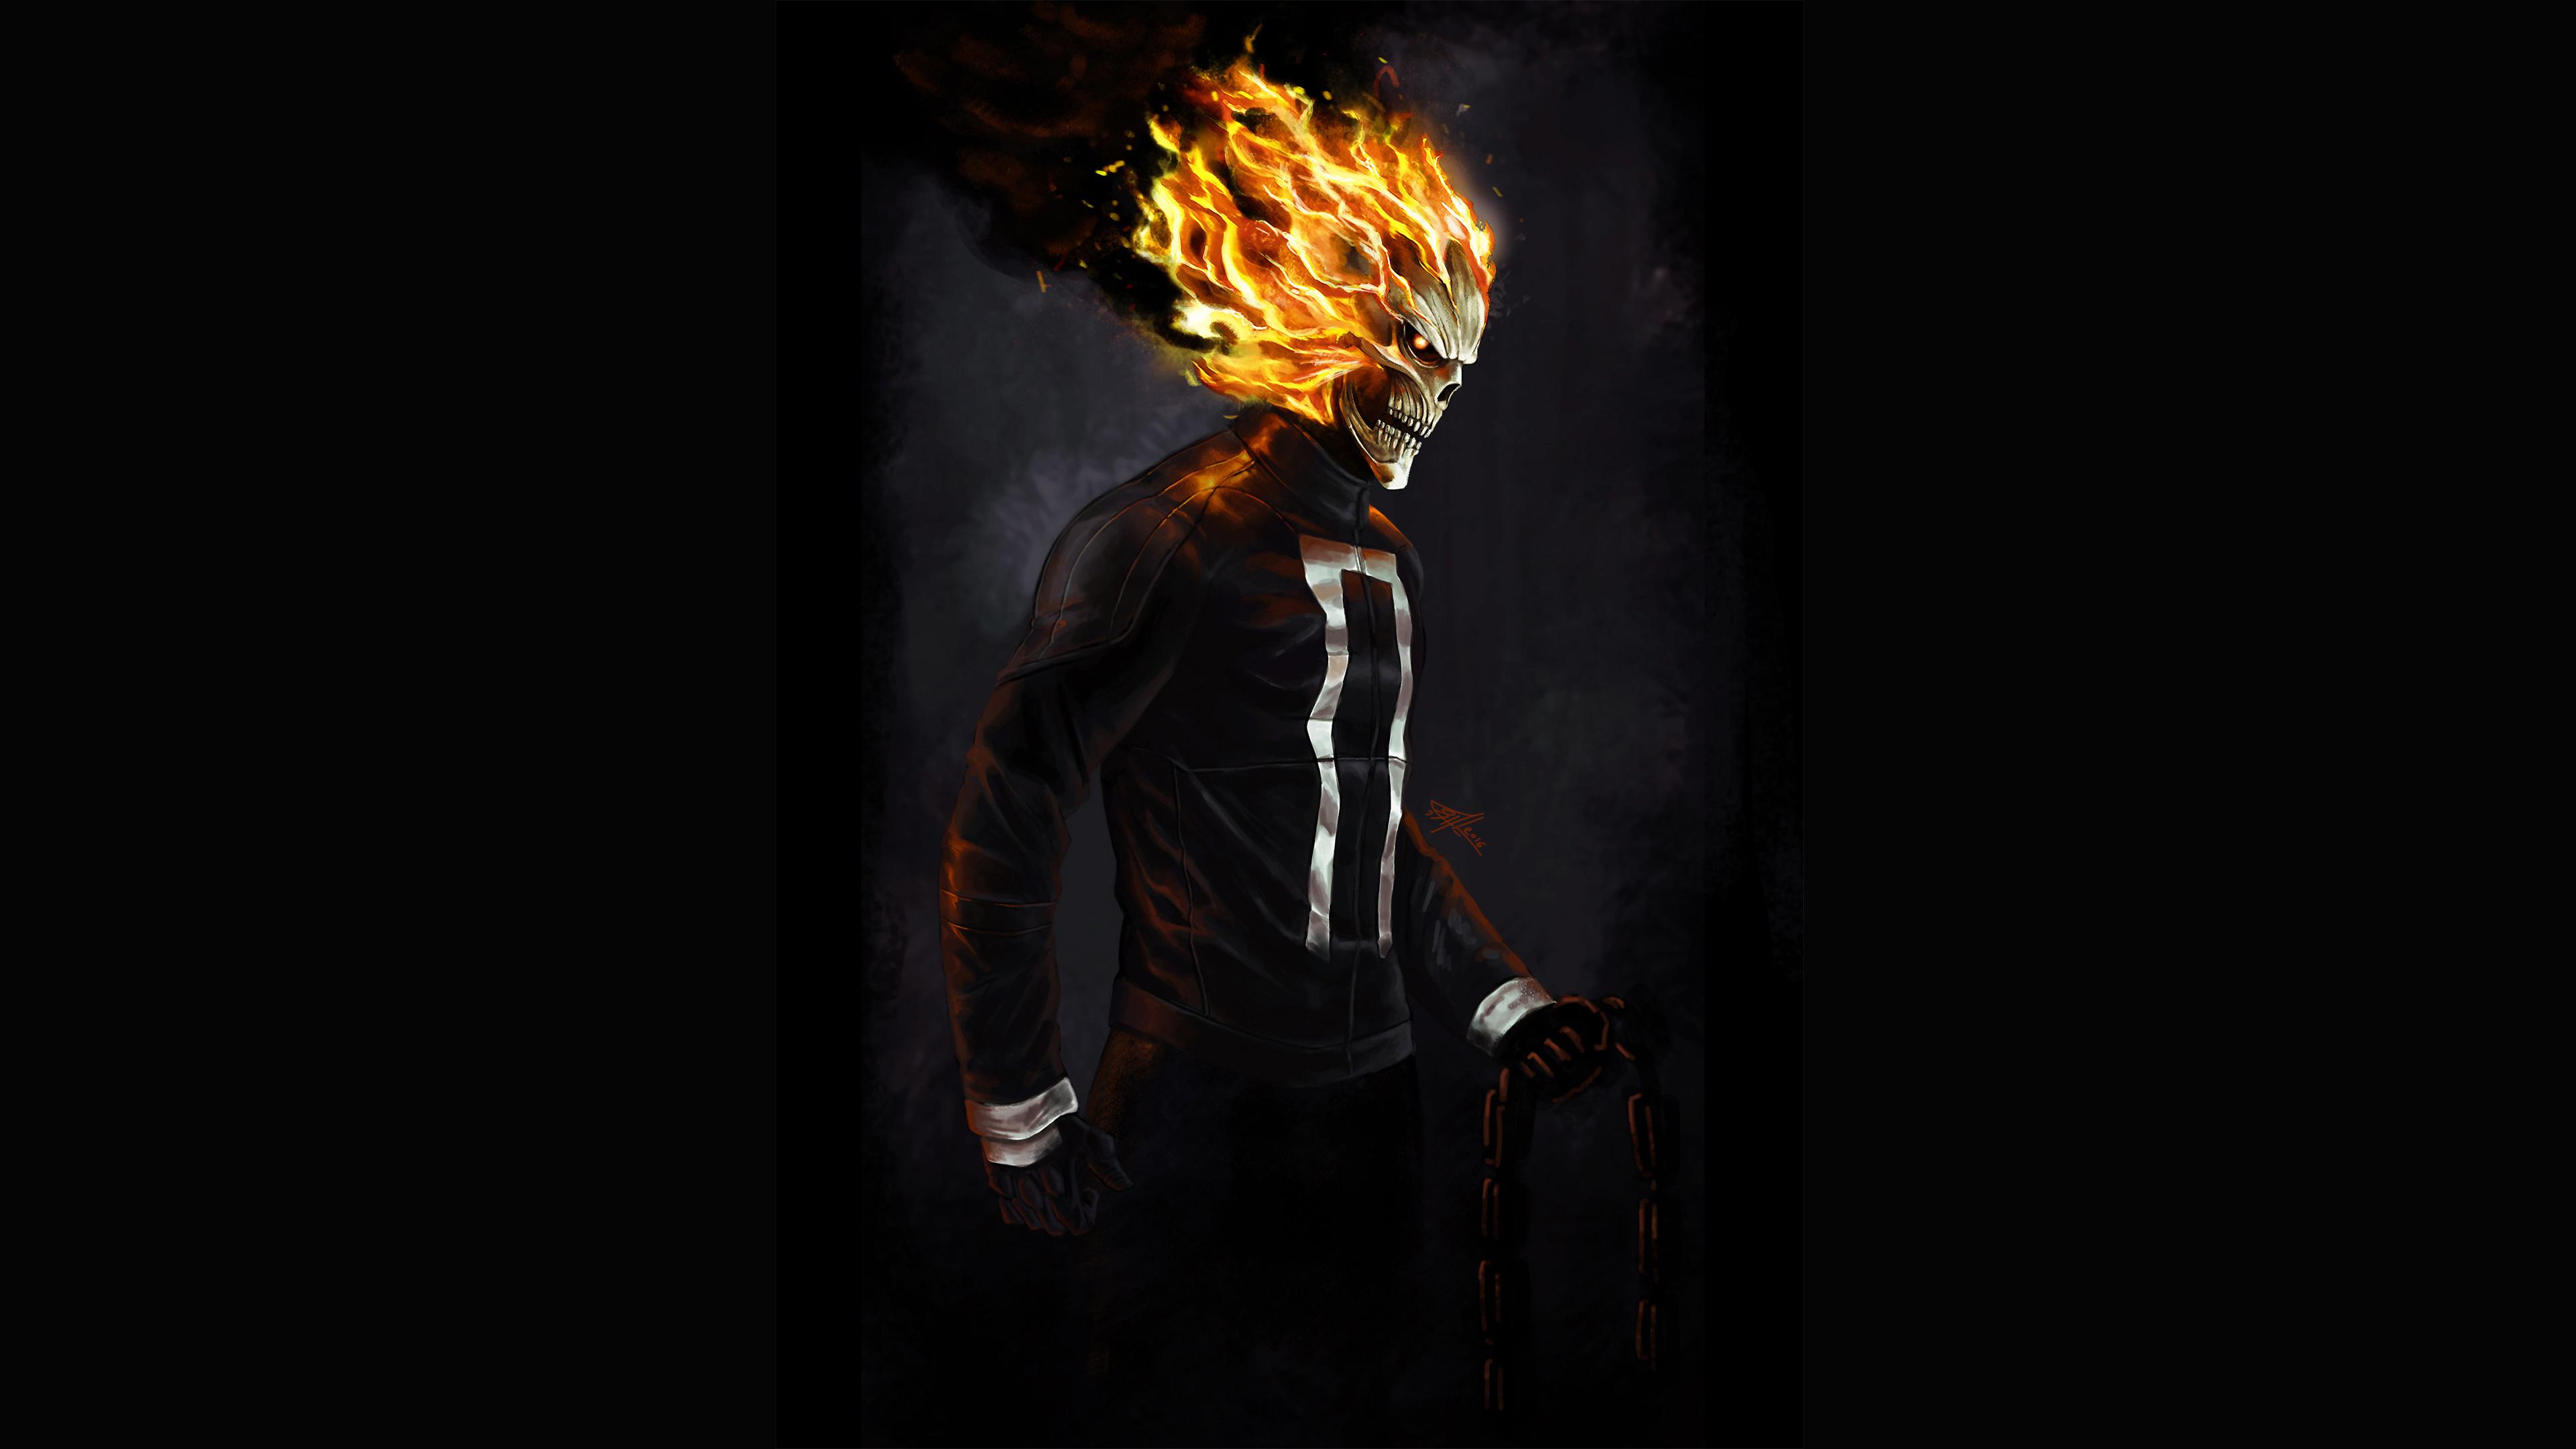 ghost rider 4k art 1536523561 - Ghost Rider 4k Art - superheroes wallpapers, hd-wallpapers, ghost rider wallpapers, digital art wallpapers, deviantart wallpapers, artwork wallpapers, artist wallpapers, 4k-wallpapers